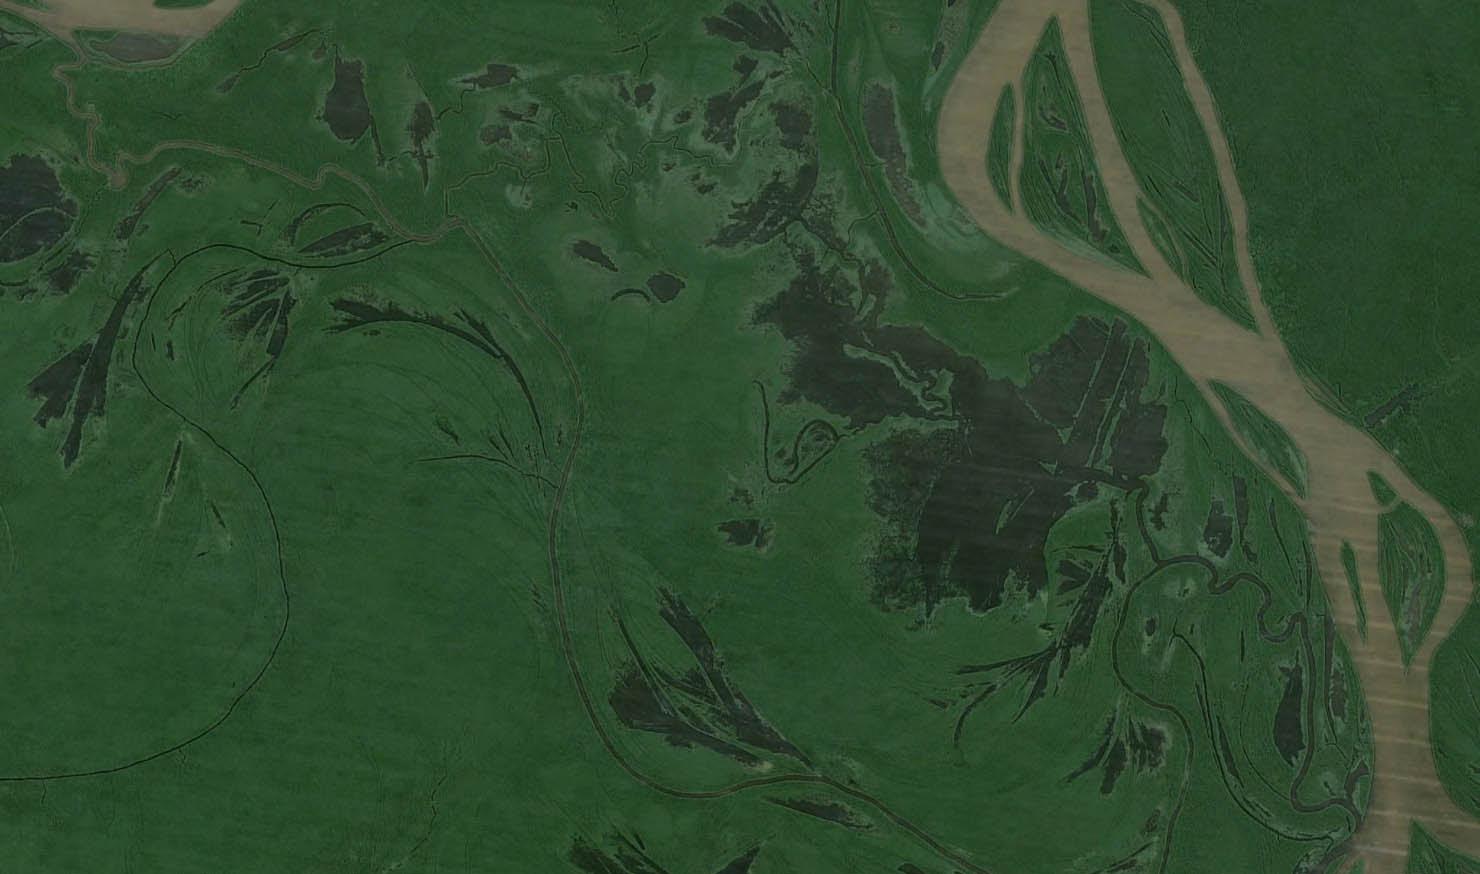 Reserva de desenvolvimento Sustentável Mamirauá